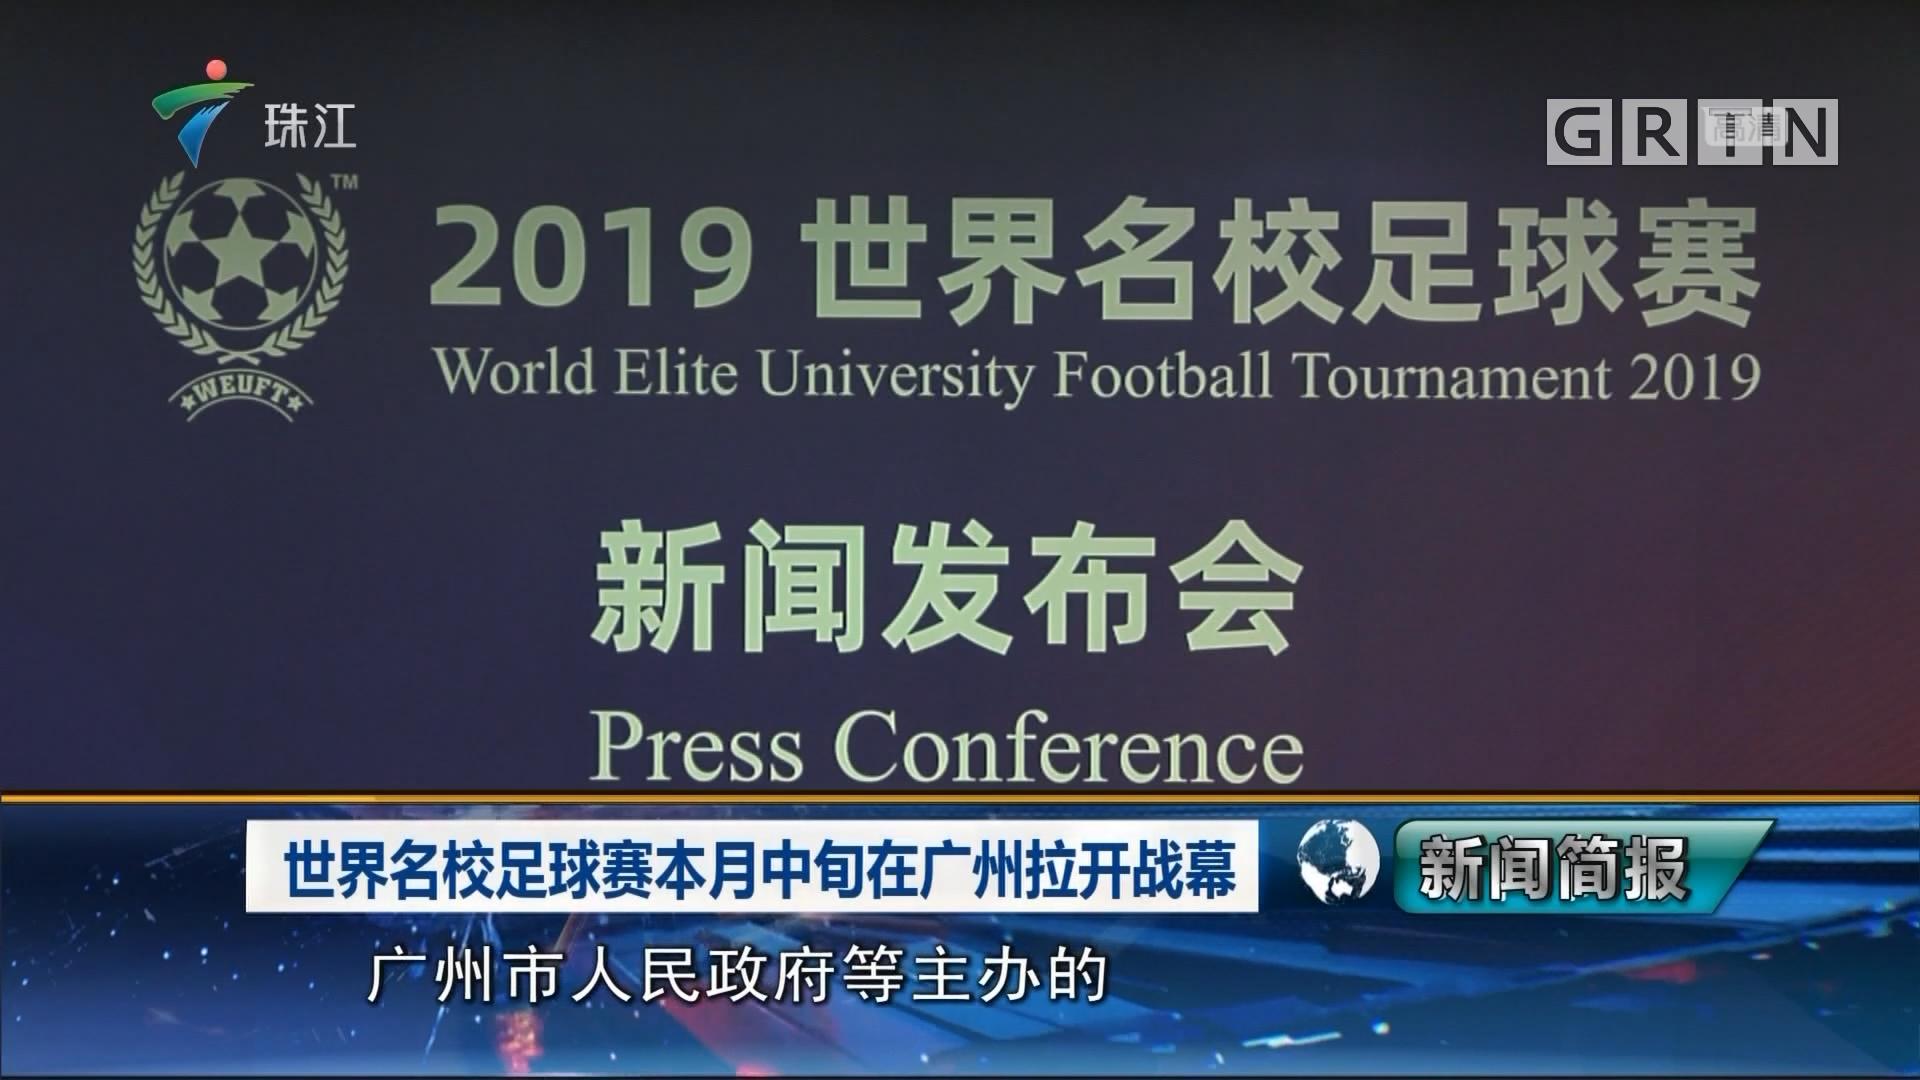 世界名校足球赛本月中旬在广州拉开战幕